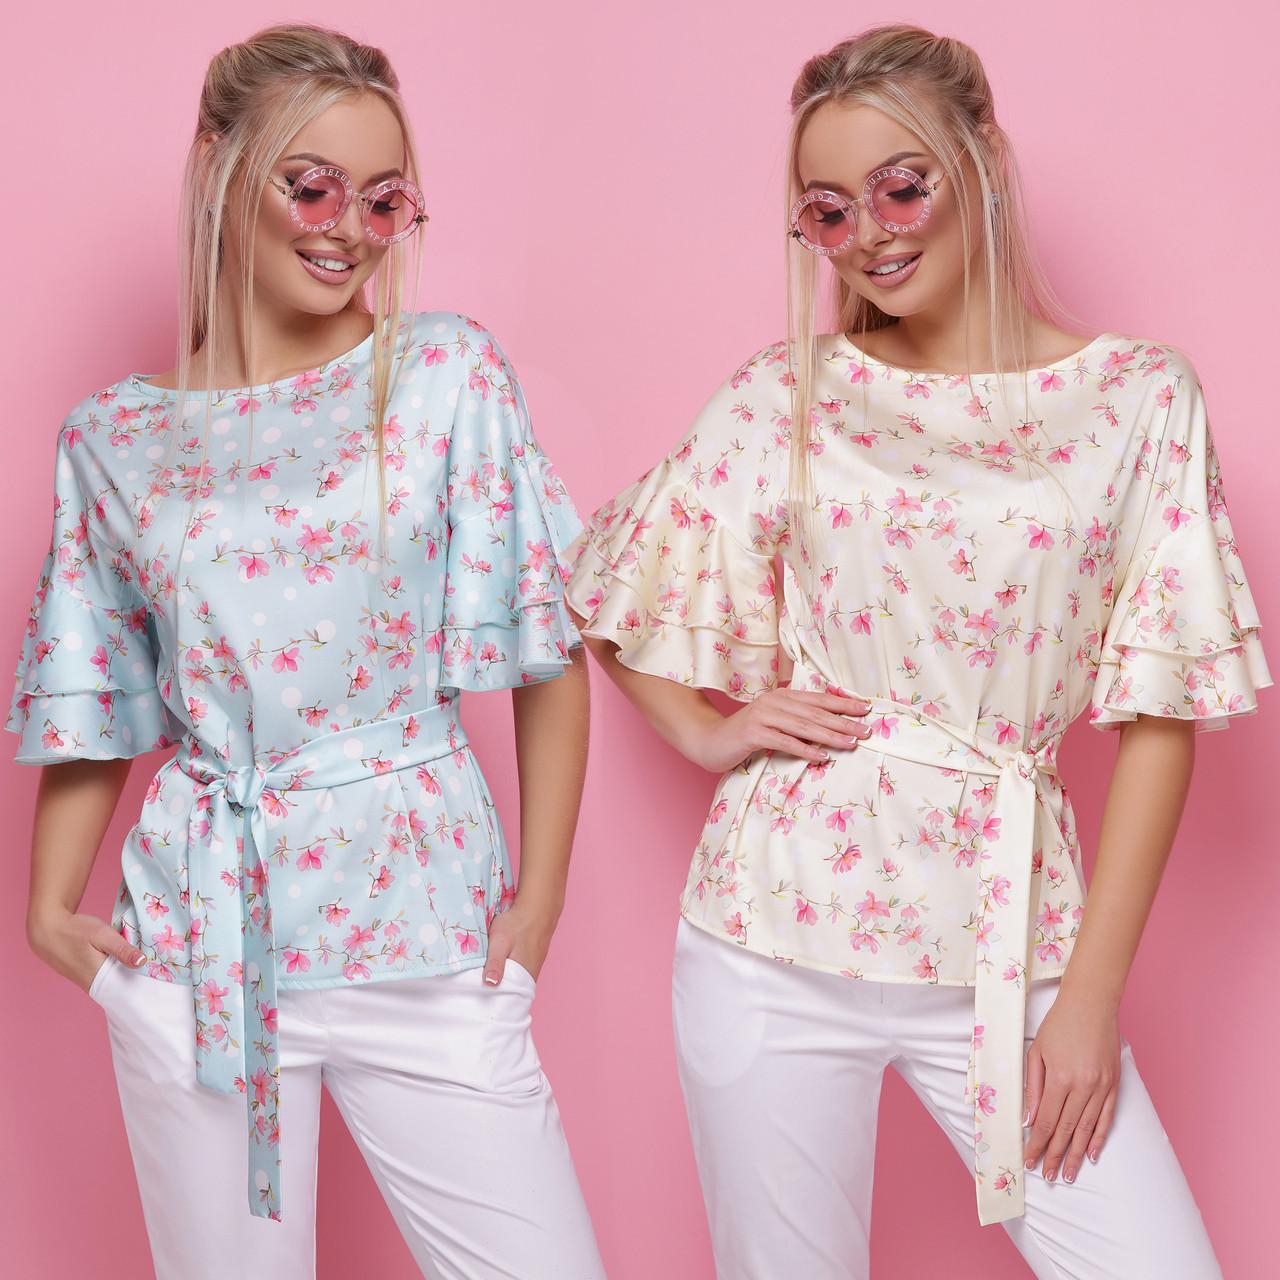 402f8113c9a08 Купить Женская шелковая блузка прямого кроя с воланами на рукавах и ...